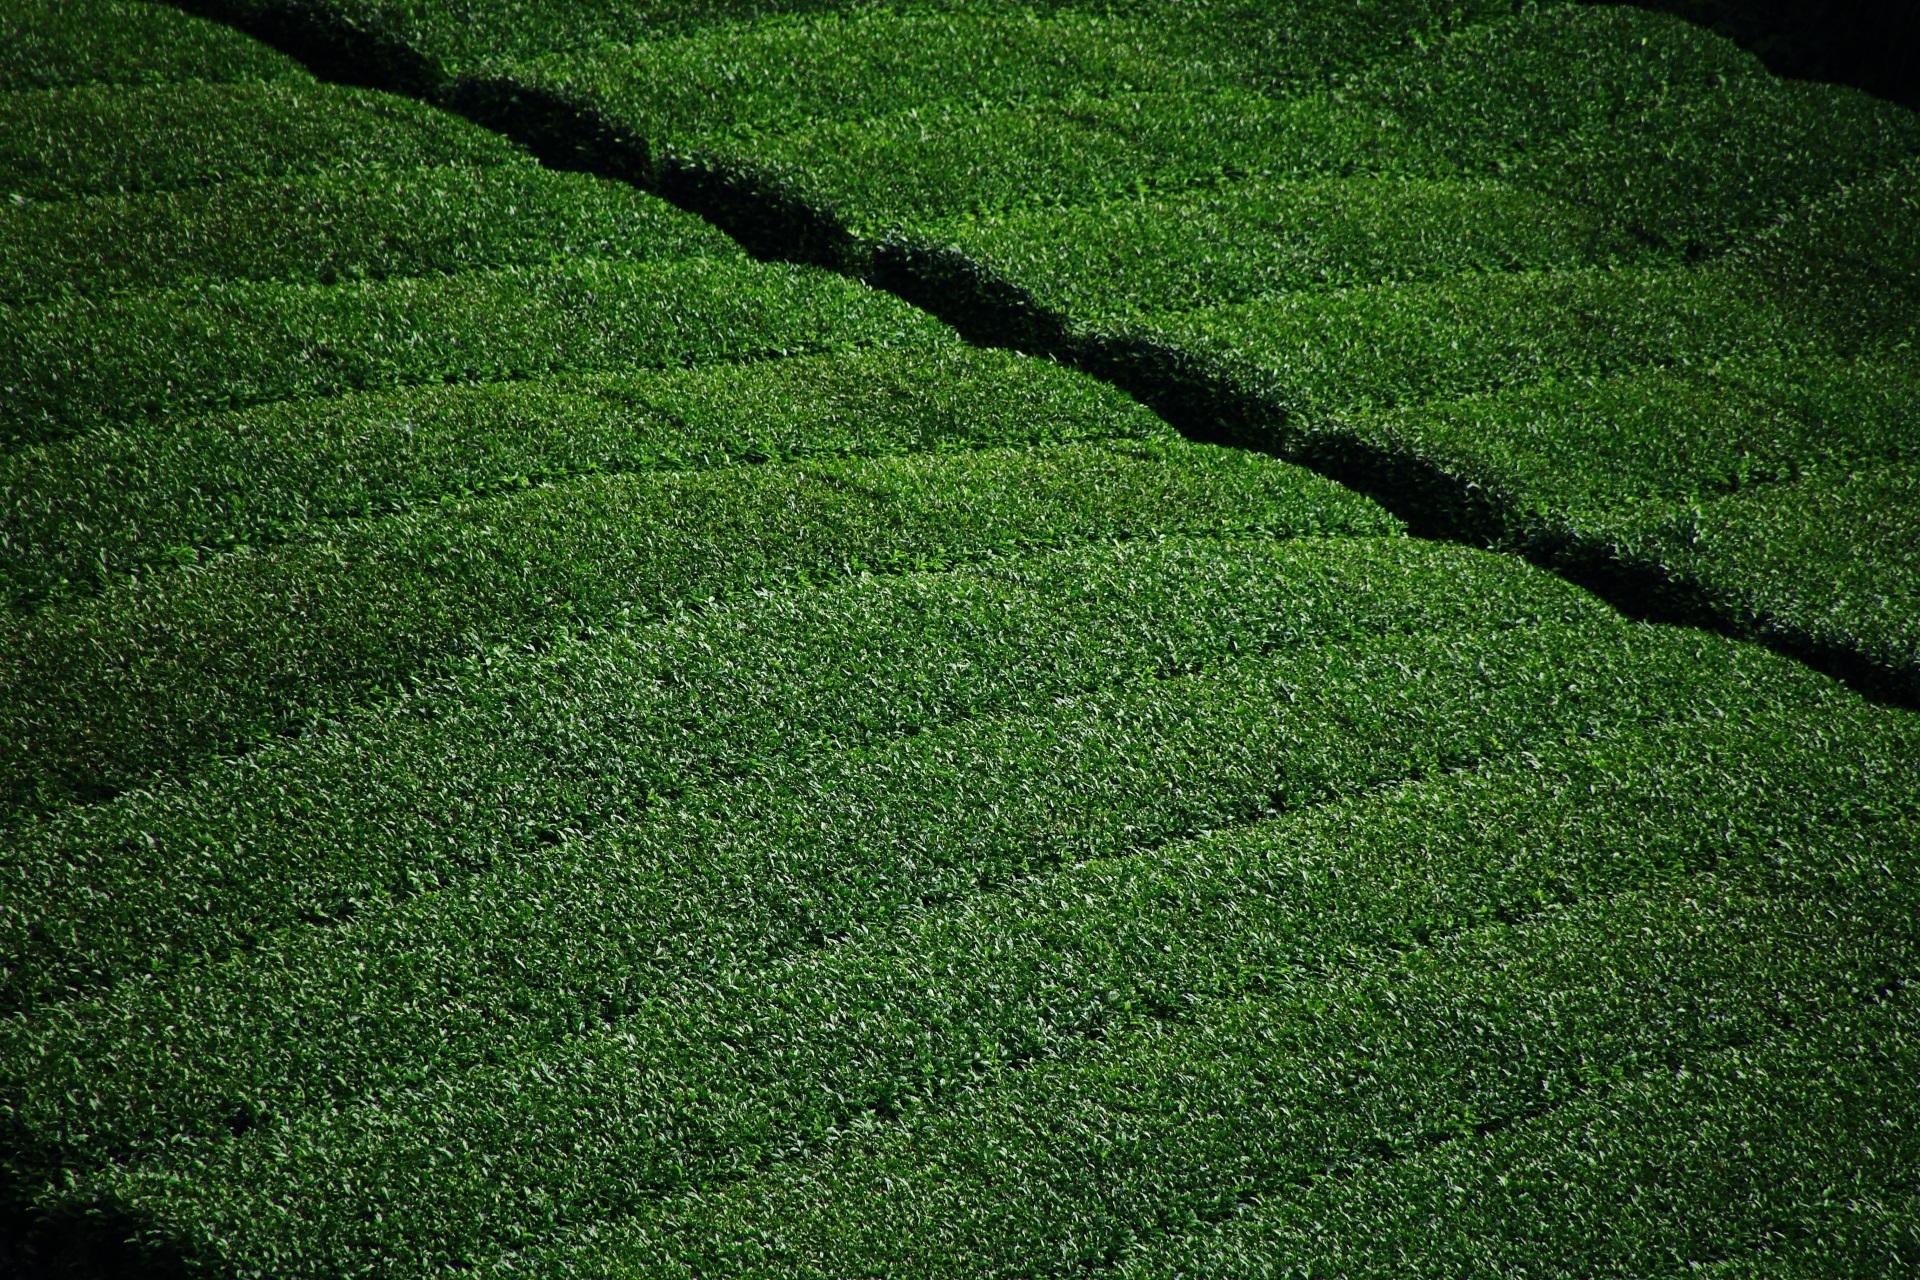 落ち着きの中にも輝きのある緑色の茶畑